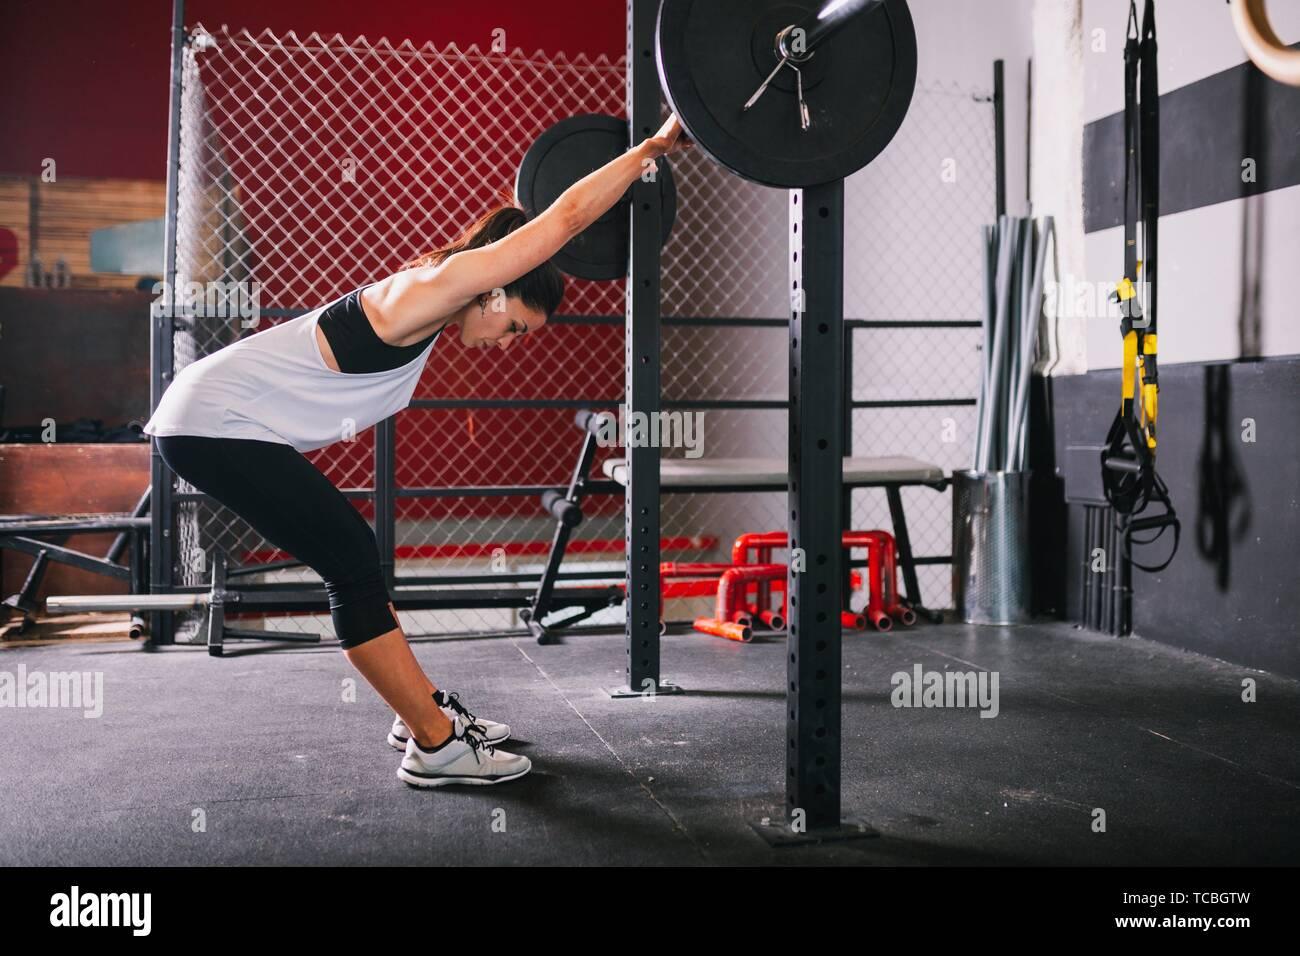 Athletic morena joven haciendo algunos ejercicios de levantamiento de pesas. Foto de stock